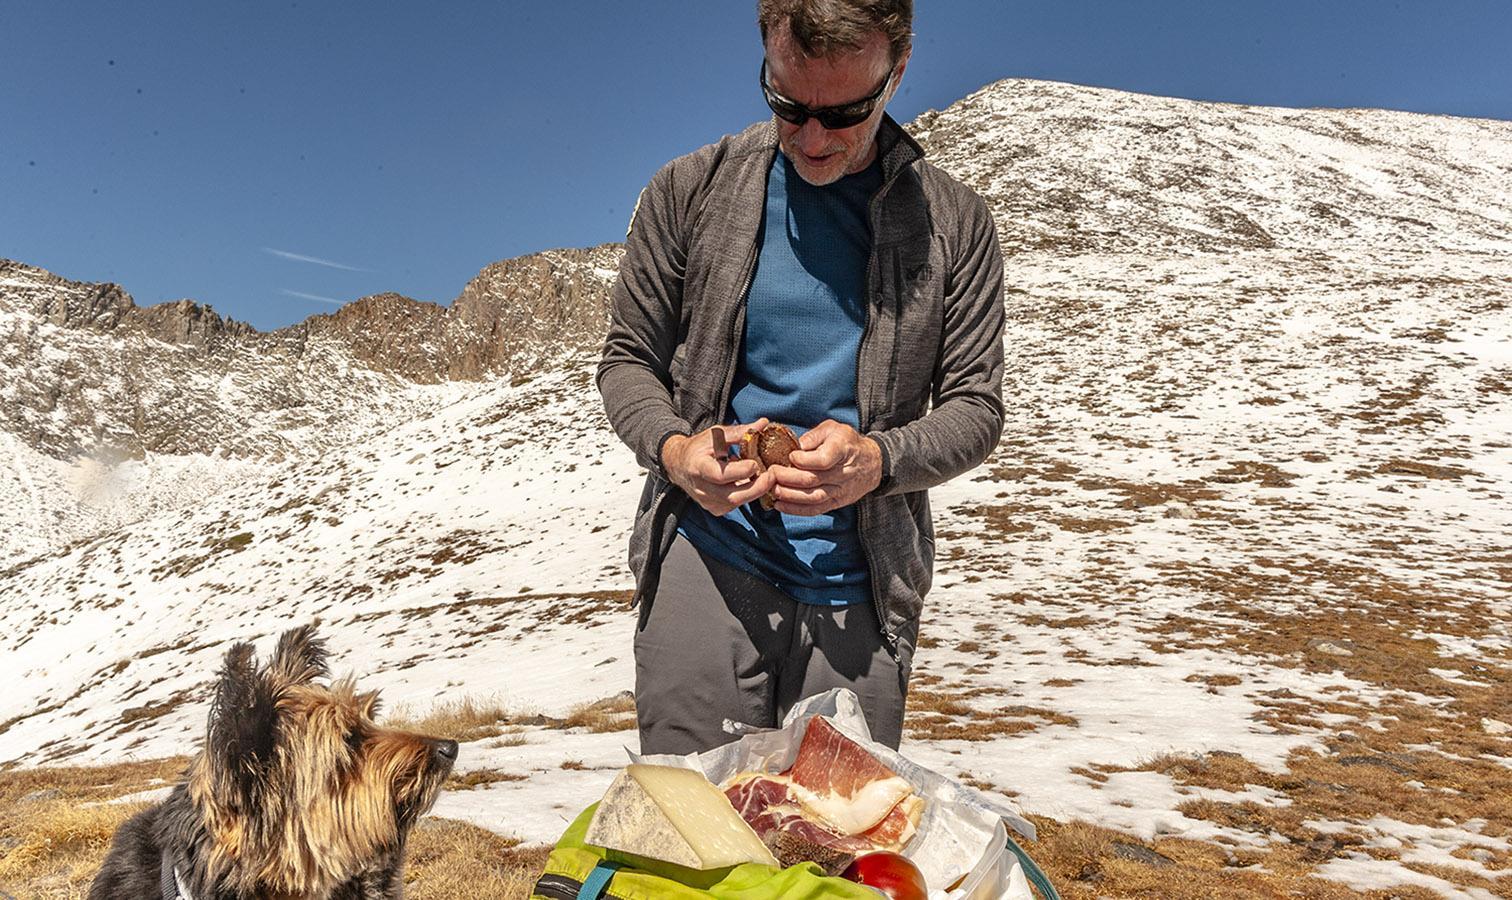 Canigó: Picknick an der Crête du Barbet. Foto: Hilke Maunder